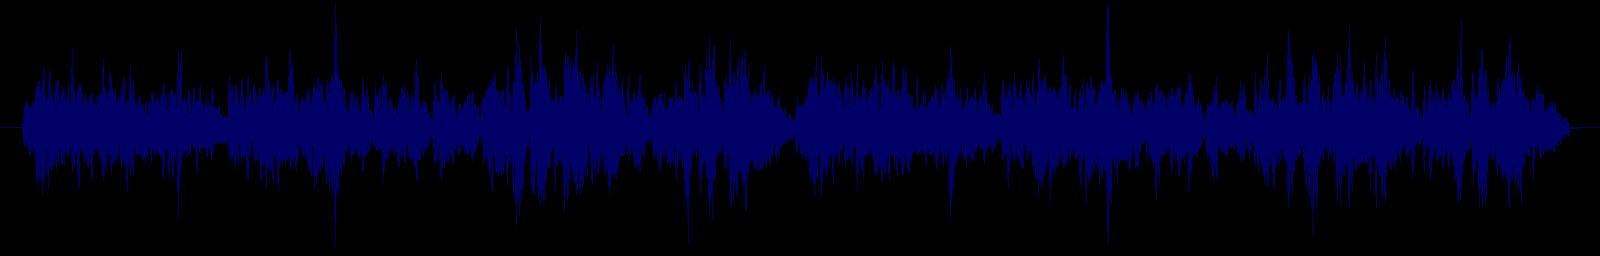 waveform of track #129152